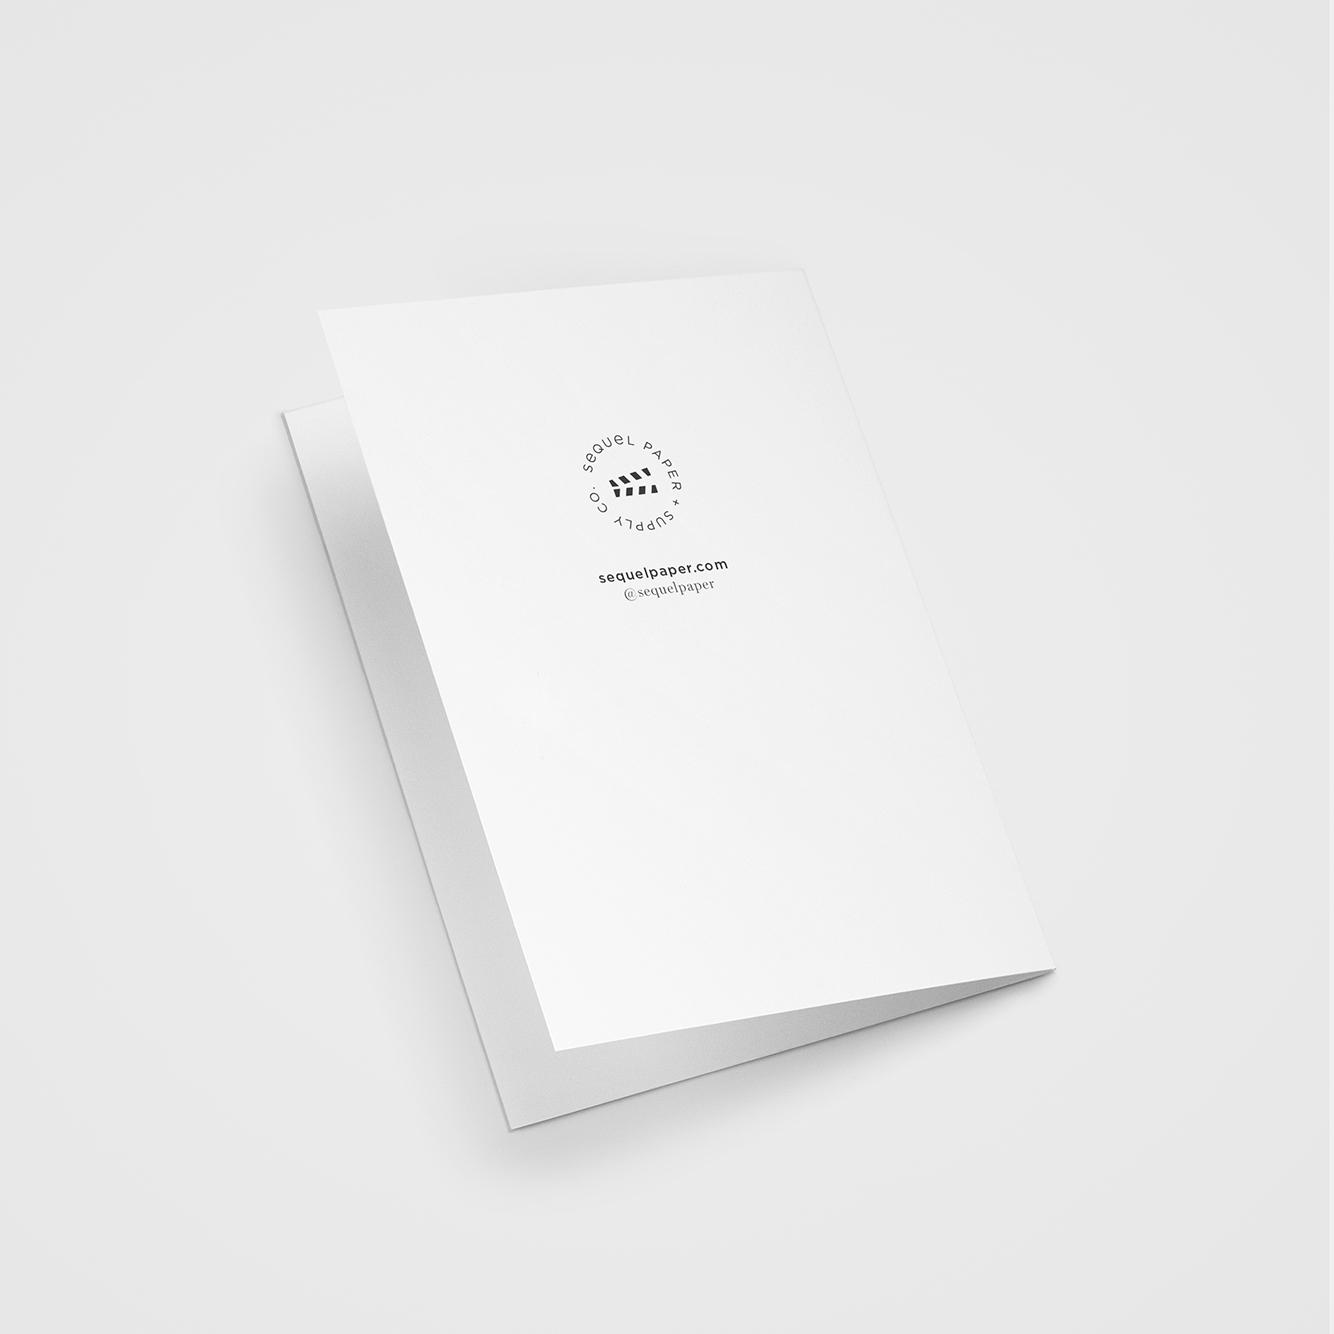 Card Mockup v2 Grey 8.jpg